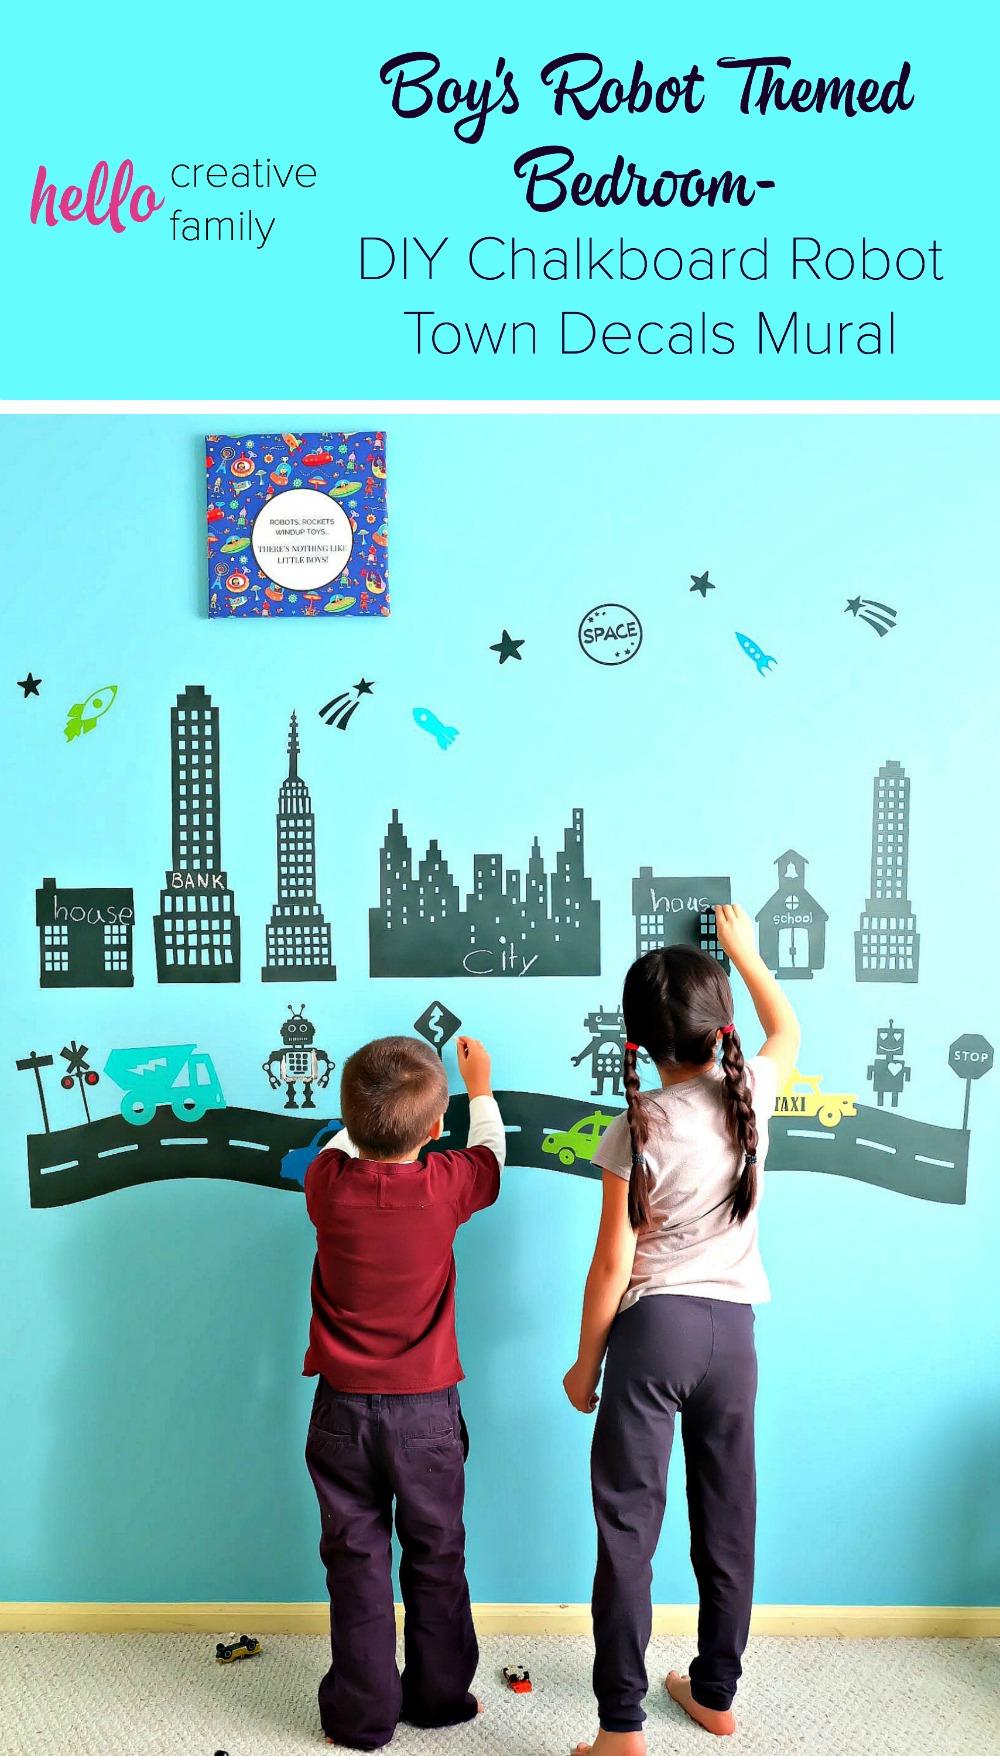 Boy's Robot Themed Bedroom- DIY Chalkboard Robot Town Decals Mural